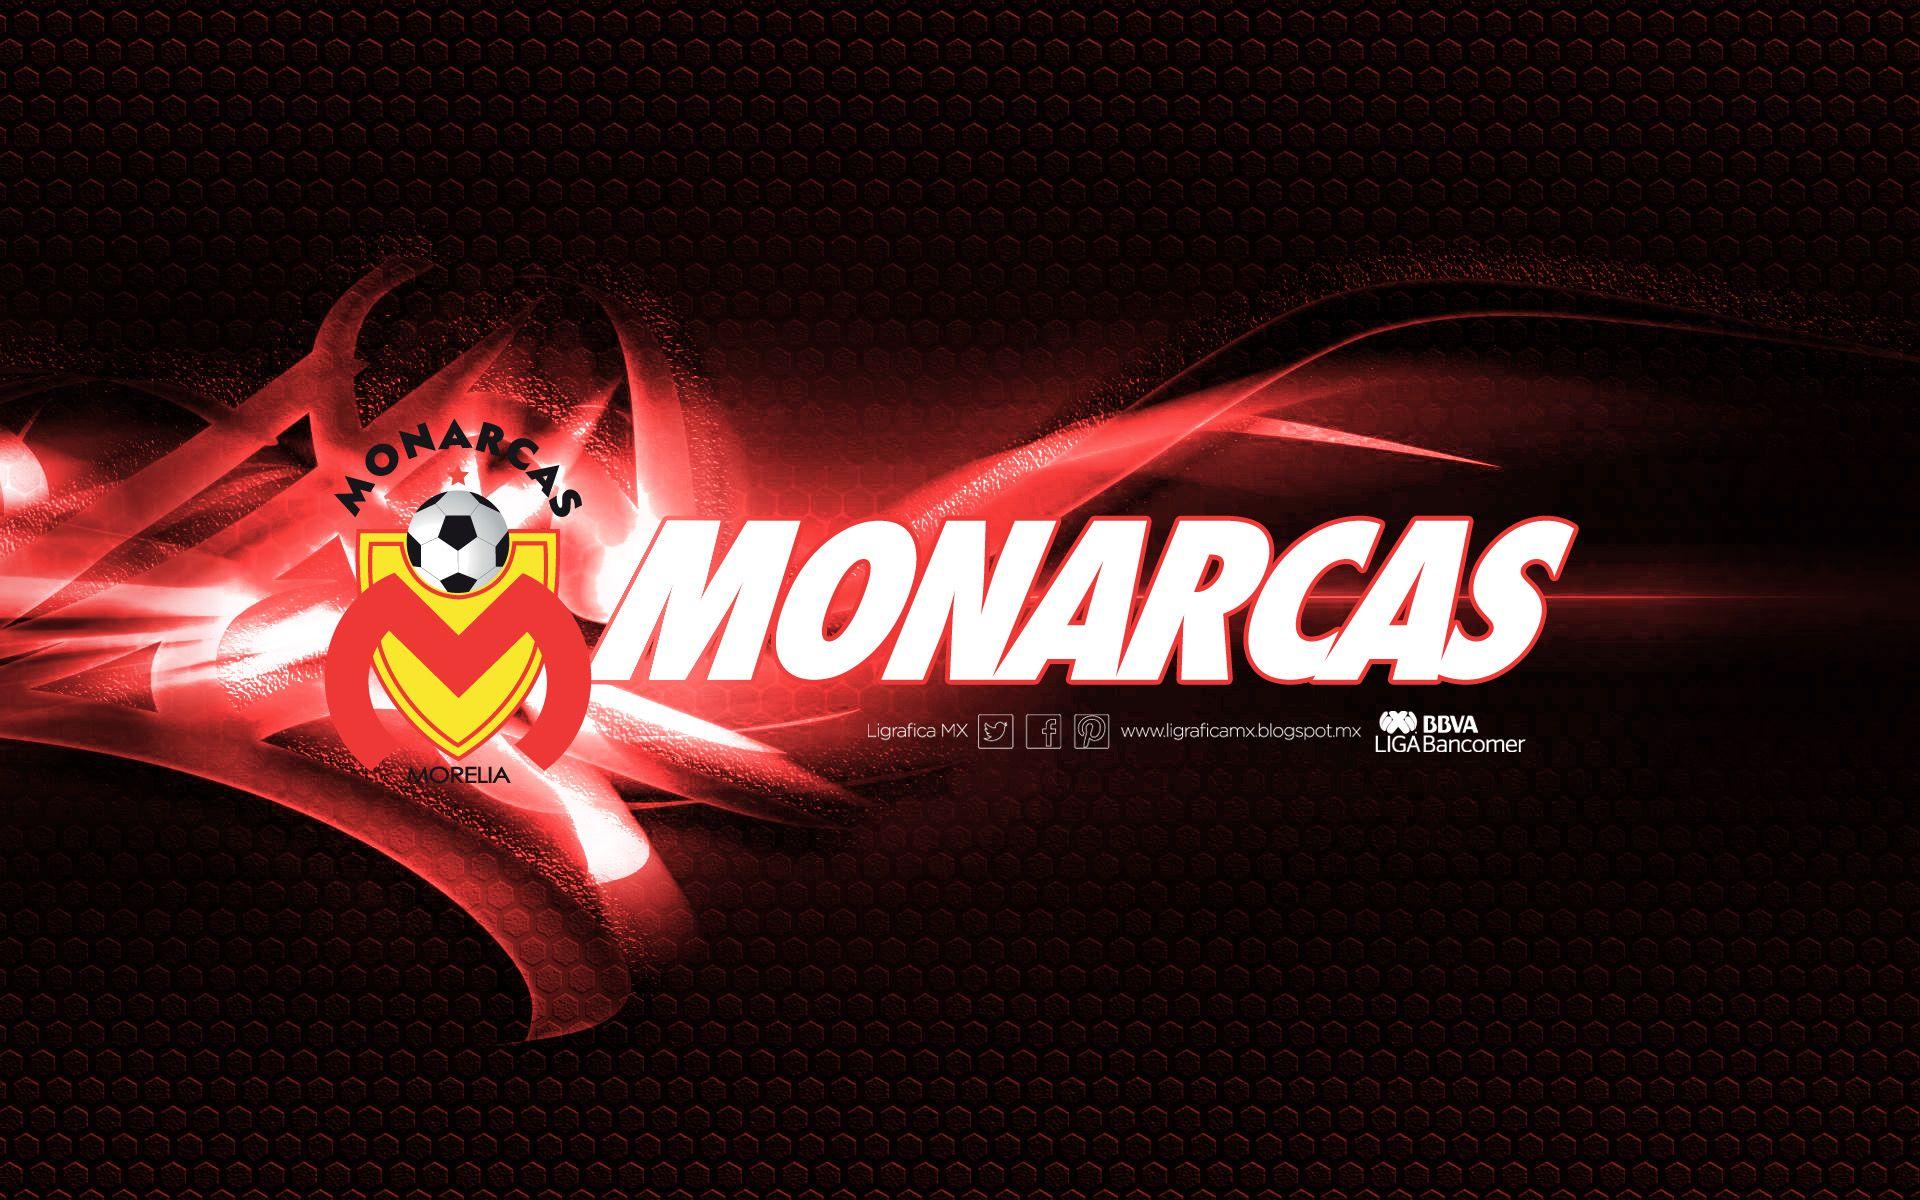 Monarcas fc